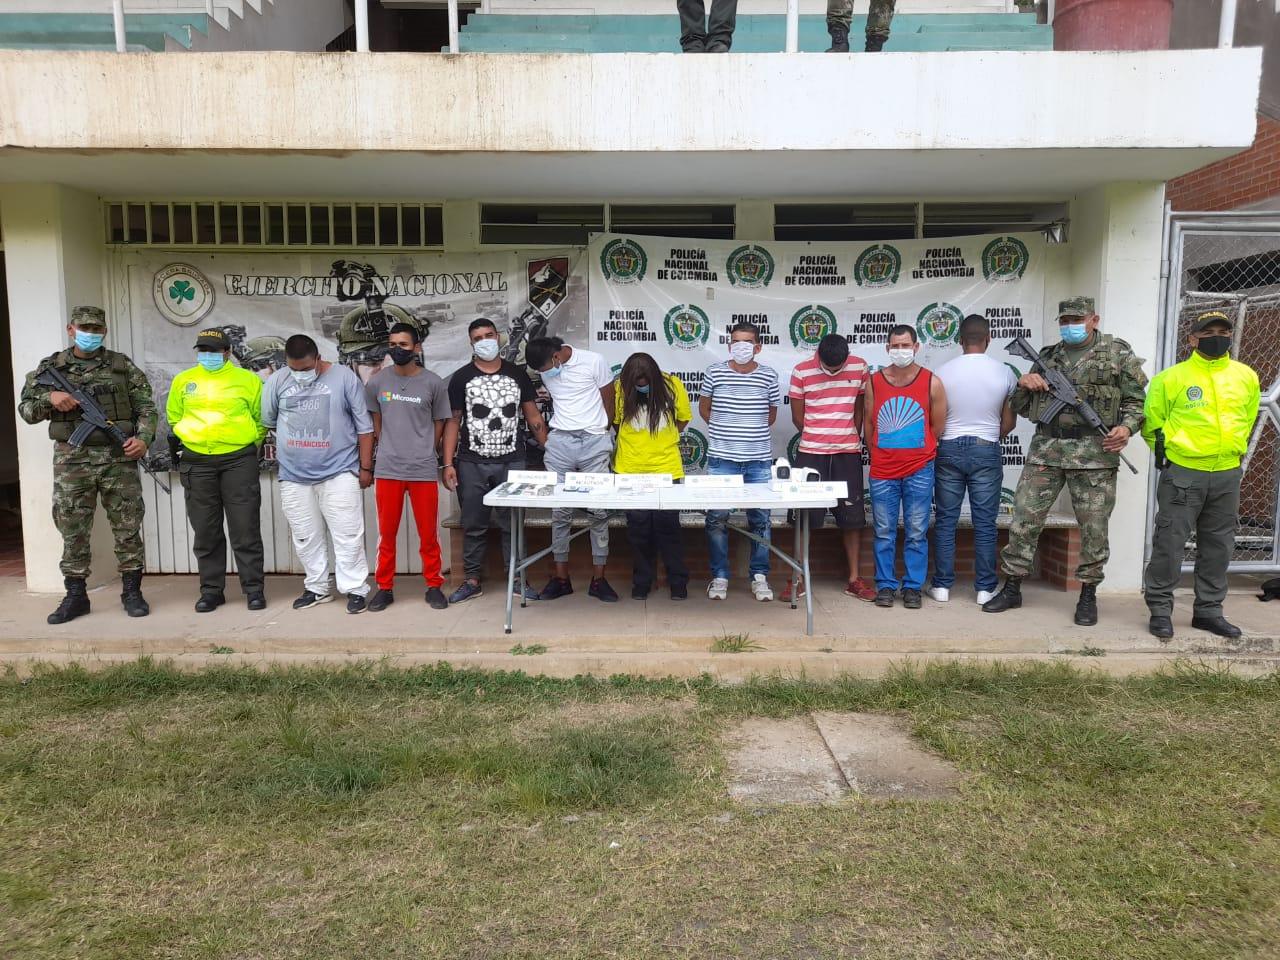 Judicializados 9 presuntos integrantes de la banda 'Los del Puente' por distribución de bazuco y marihuana